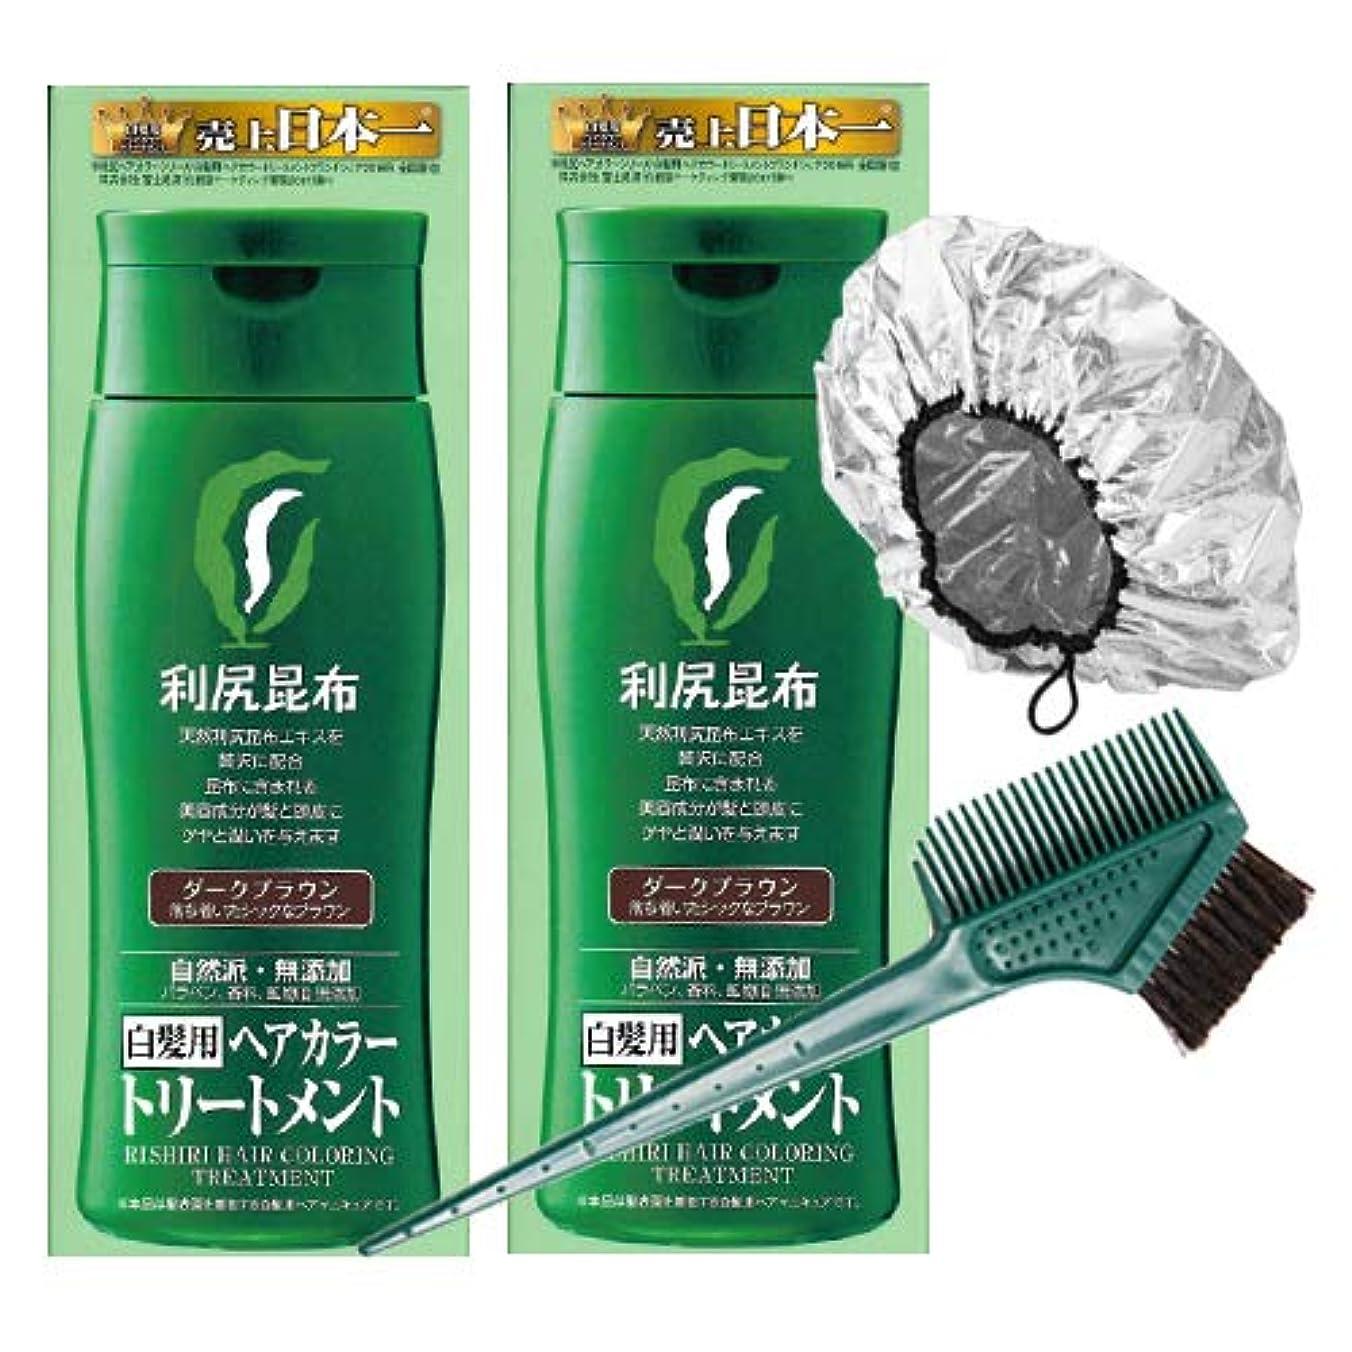 処分したジュース軽量利尻ヘアカラートリートメント白髪染め 200g×2本(ダークブラウン)&馬毛100%毛染めブラシ&専用キャップセット